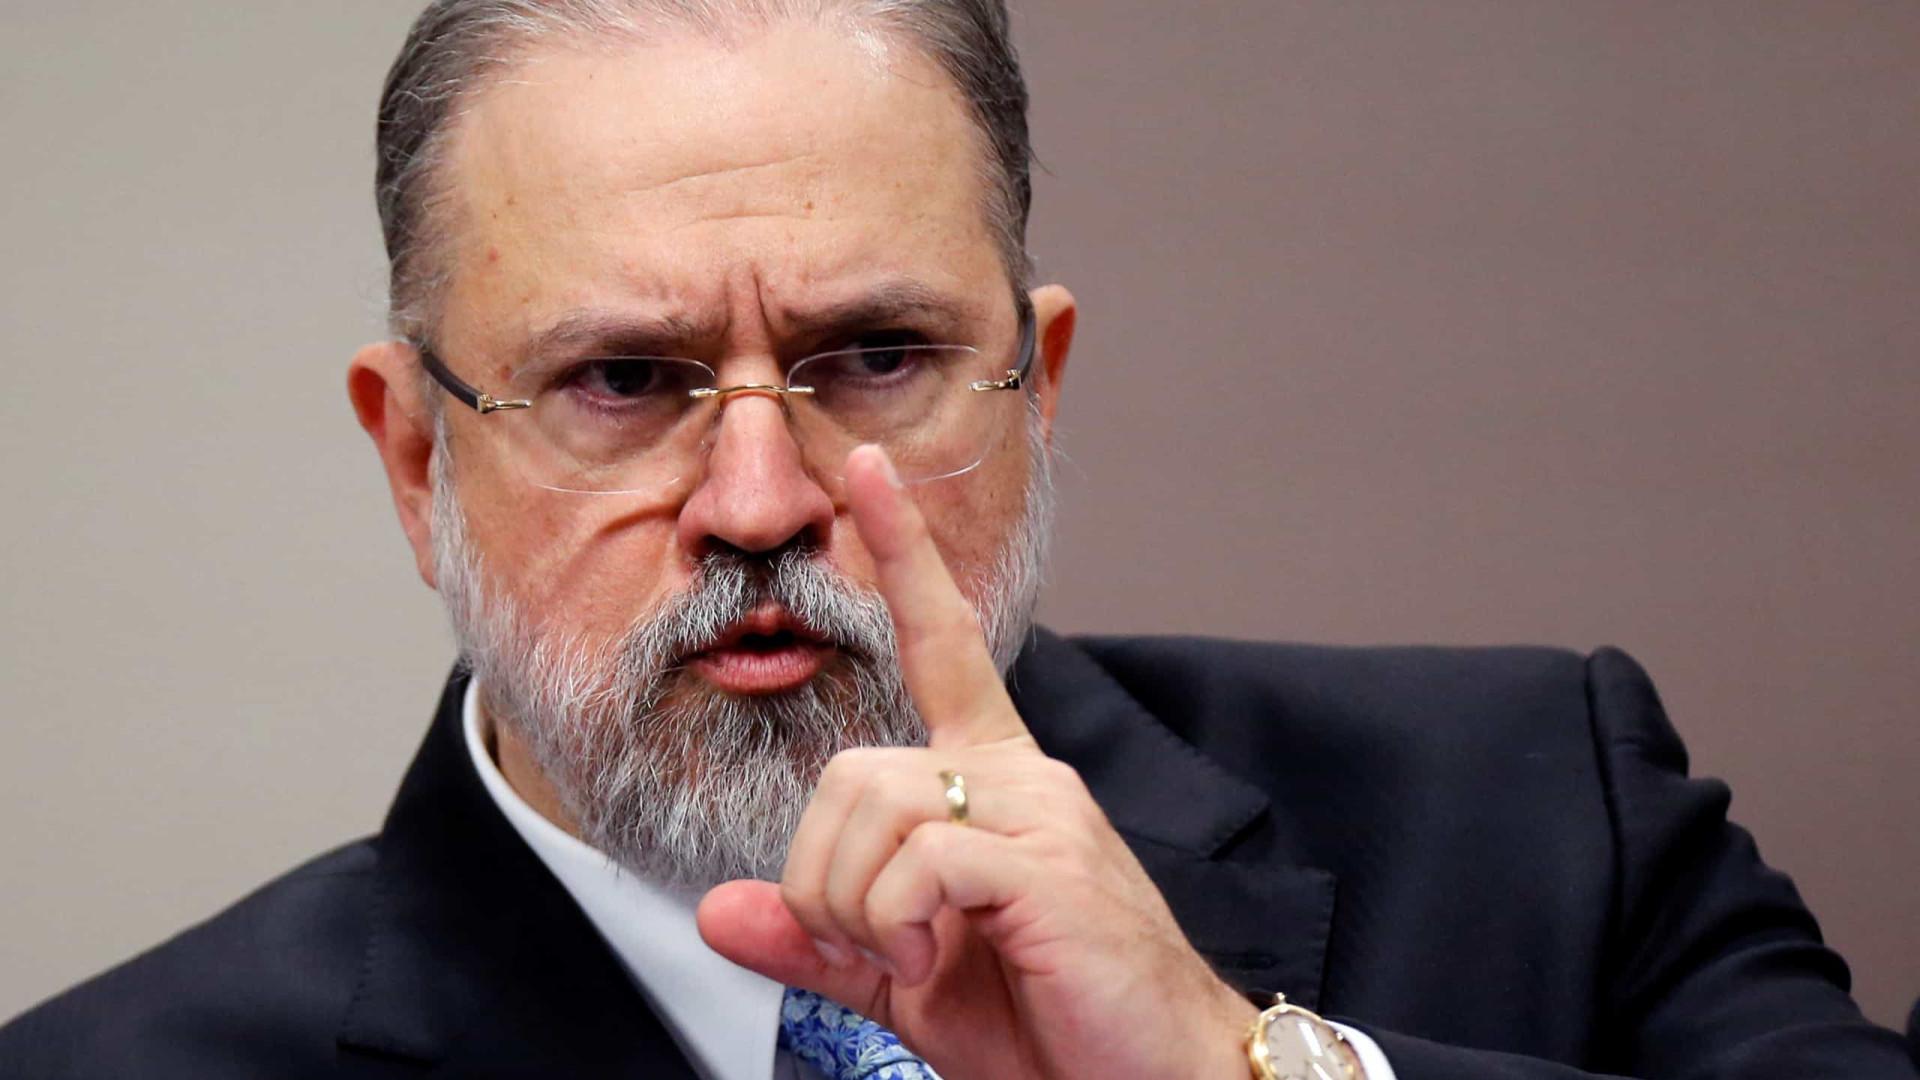 Aras reitera pedido da PGR para rescisão da delação da J&F